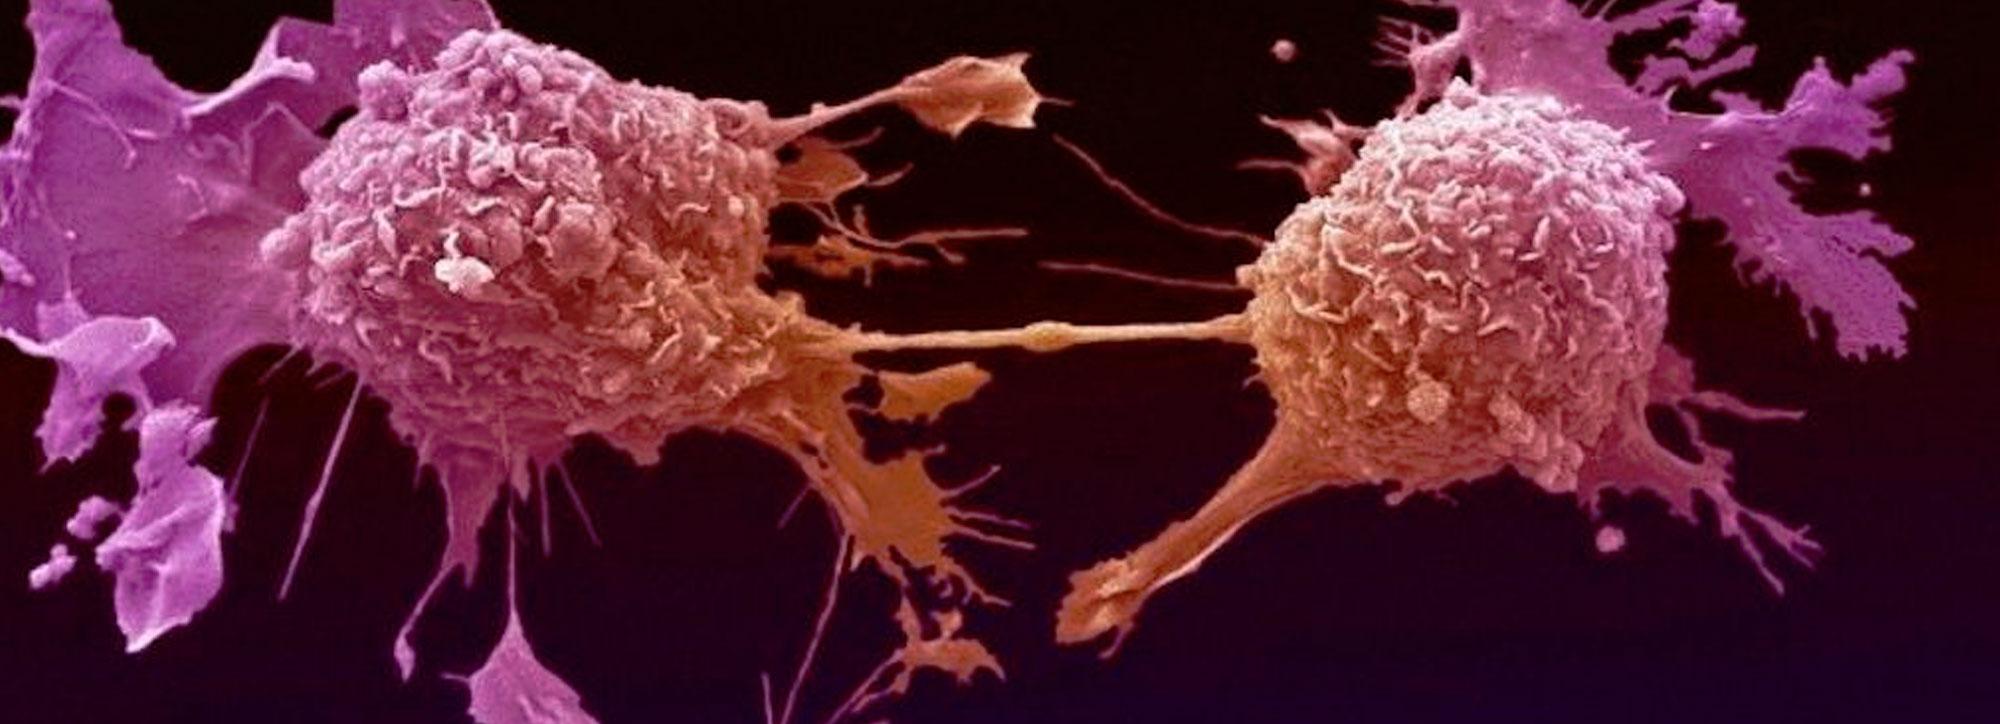 Cancer Cells Destroyed